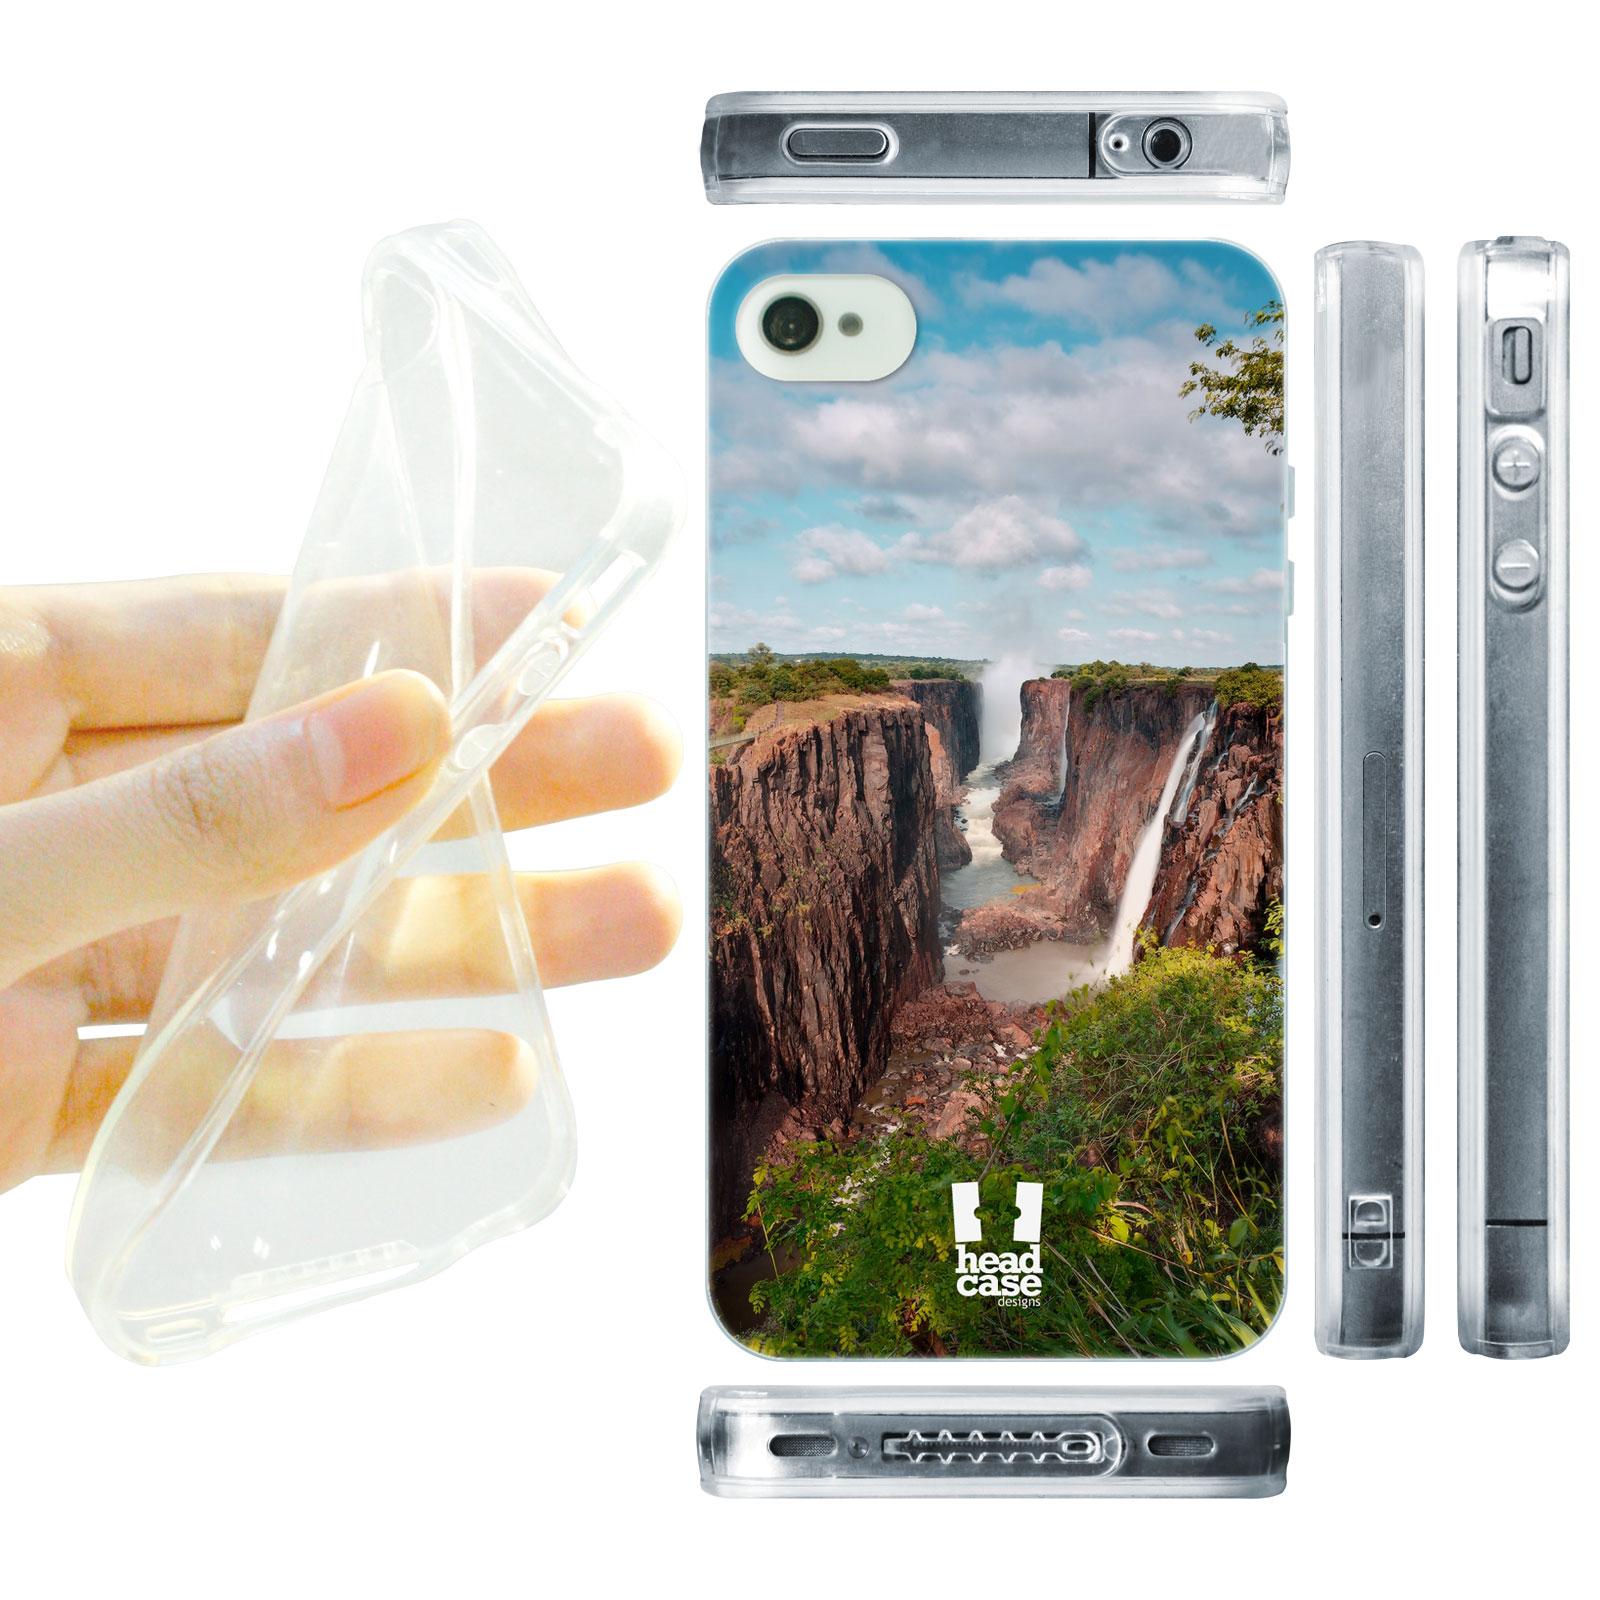 HEAD CASE silikonový obal na mobil Iphone 4 4S foto Viktoriiny vodopády  Afrika 2c81f5638ca